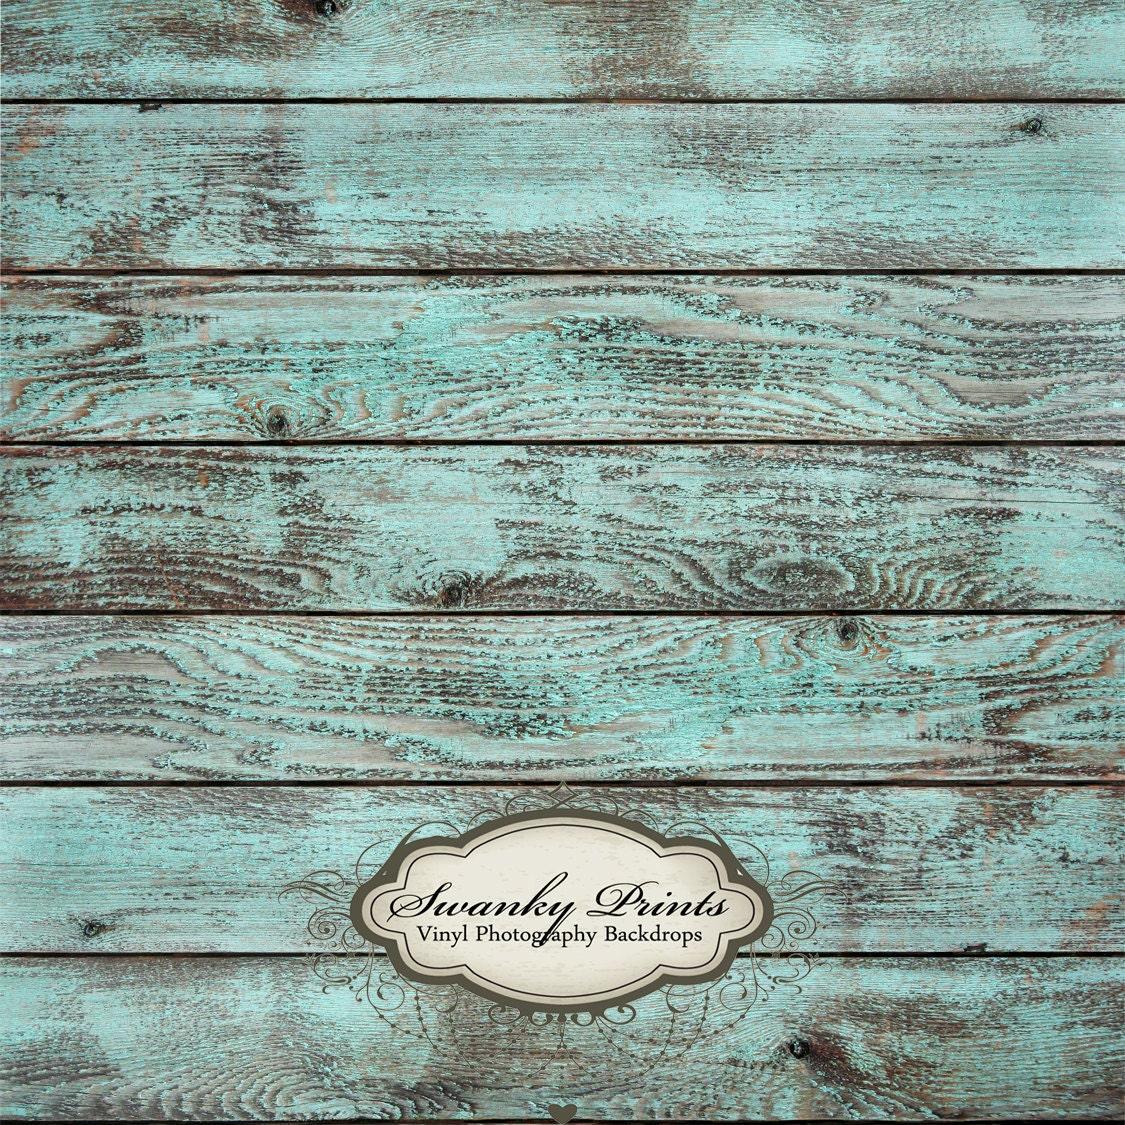 Sale 4ft X 4ft Vinyl Backdrop Wood Floordrop Blue Washed Wood